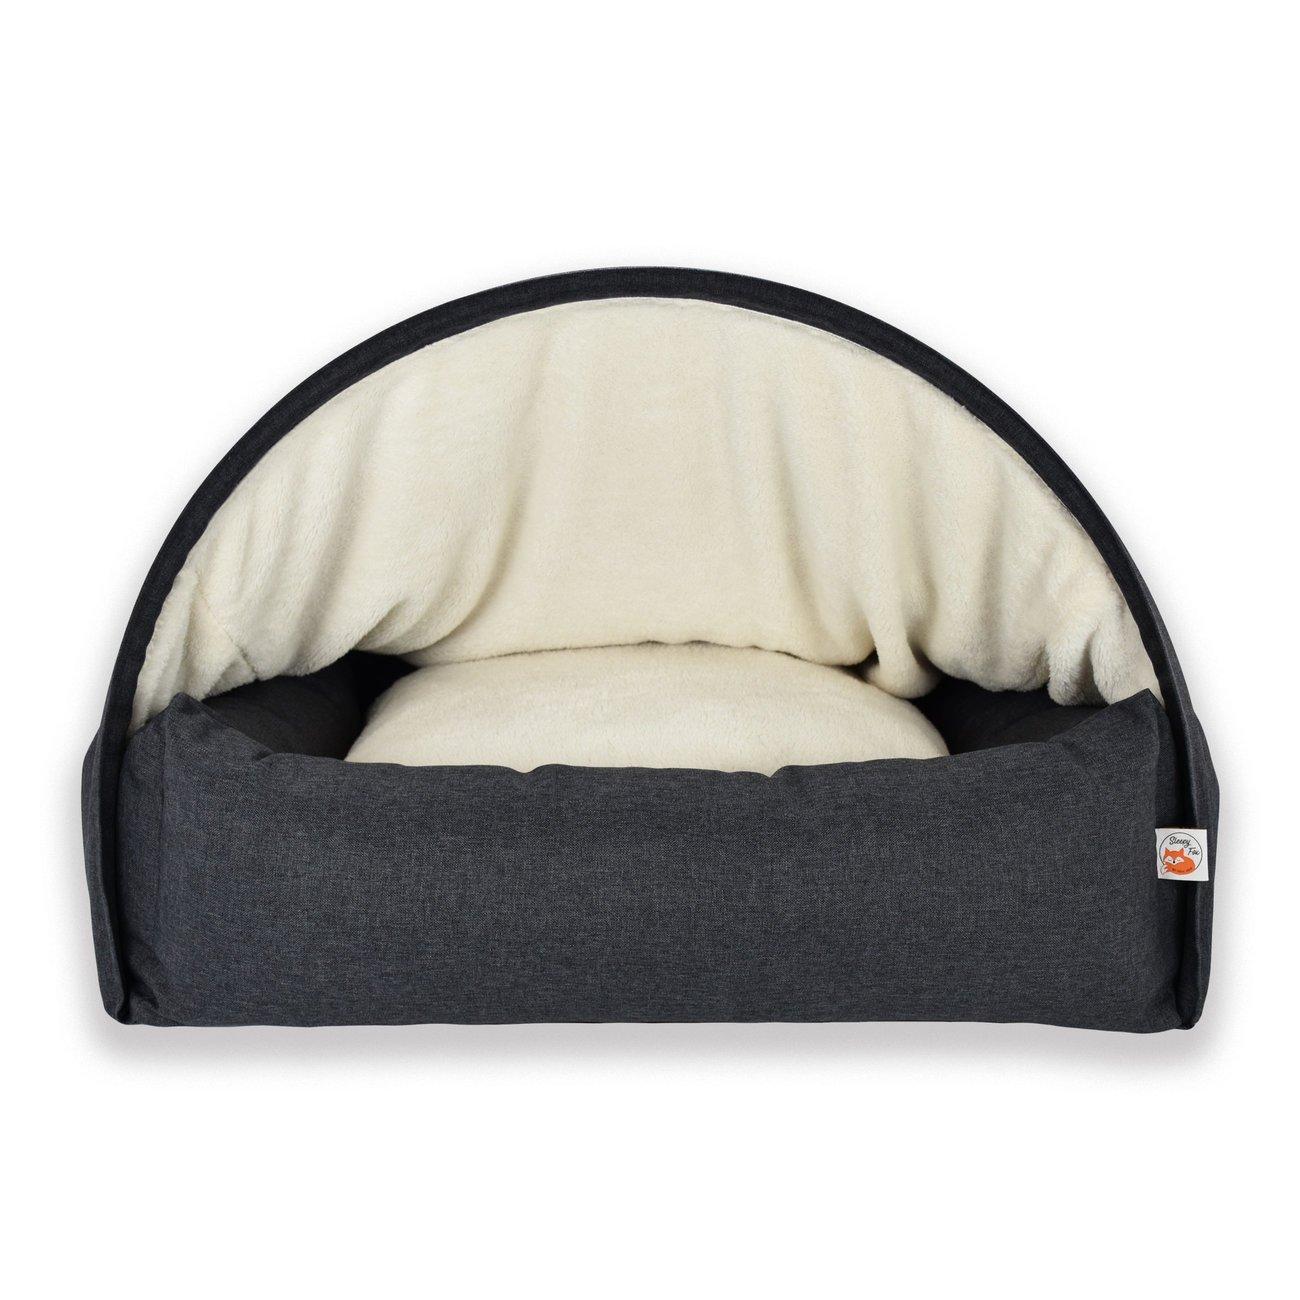 Sleepy Fox® Kuschelhöhlen Hundebett, Bild 7